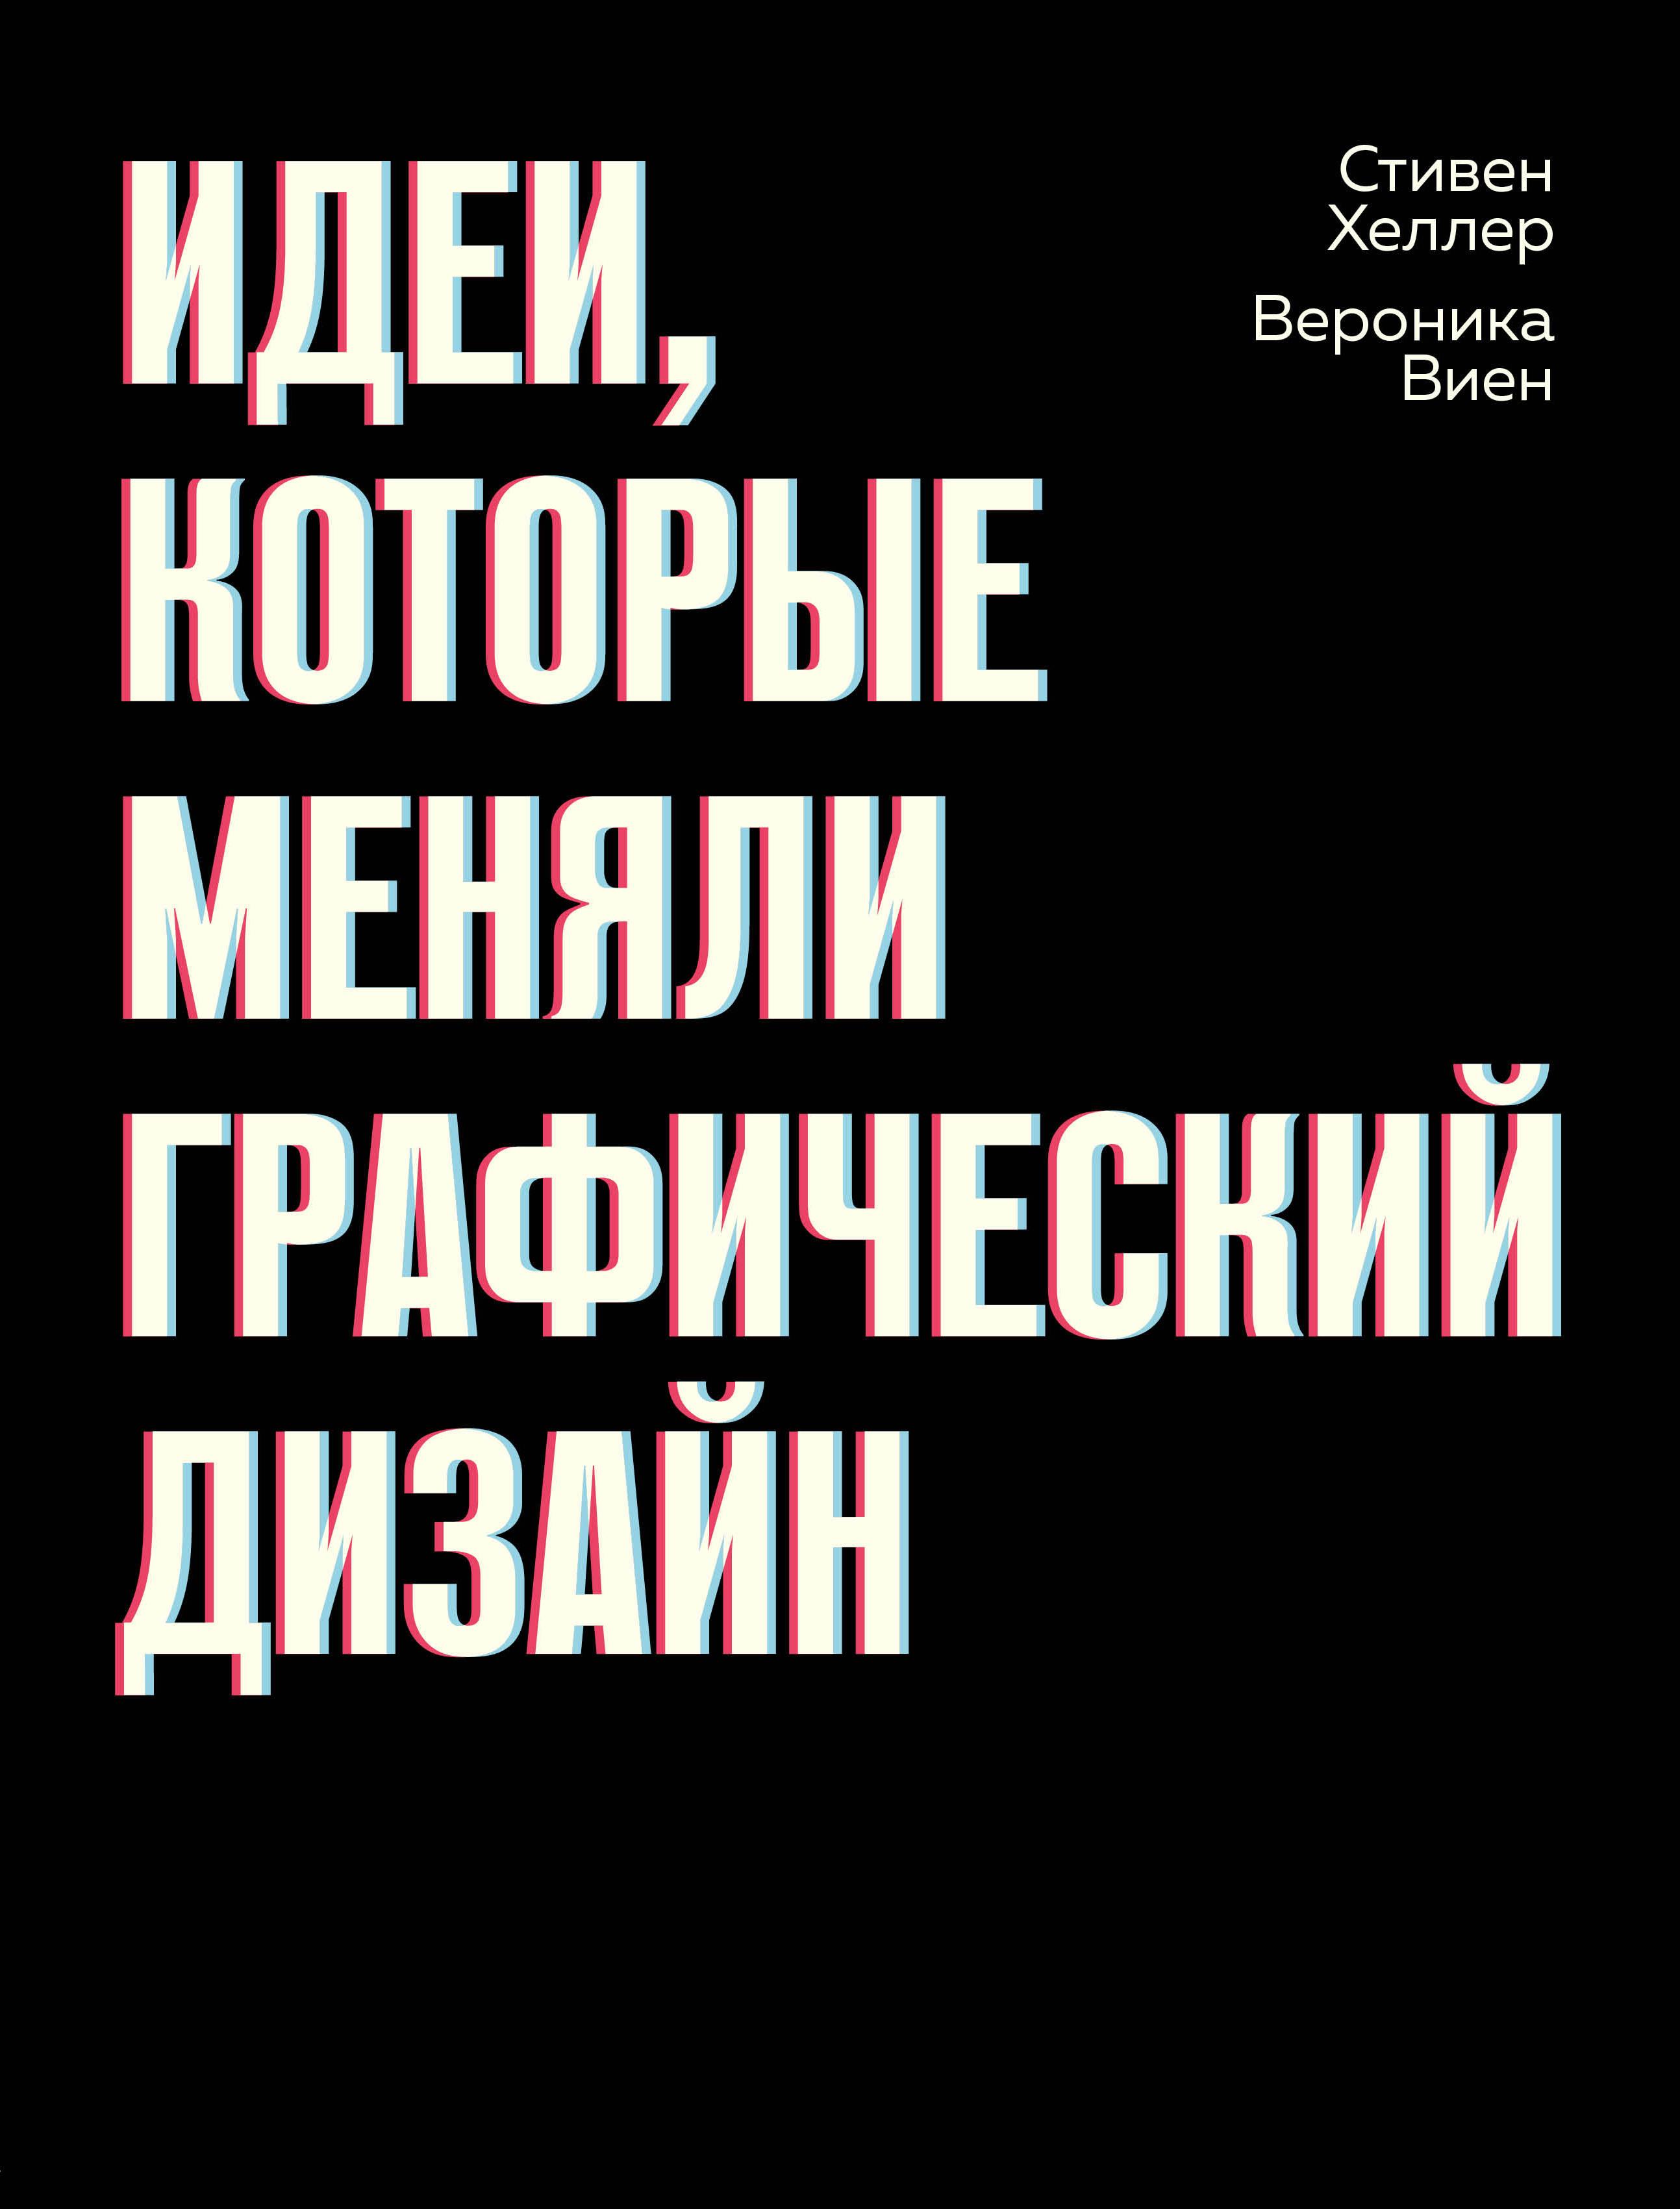 Стивен Хеллер, Вероника Виен Идеи, которые меняли графический дизайн